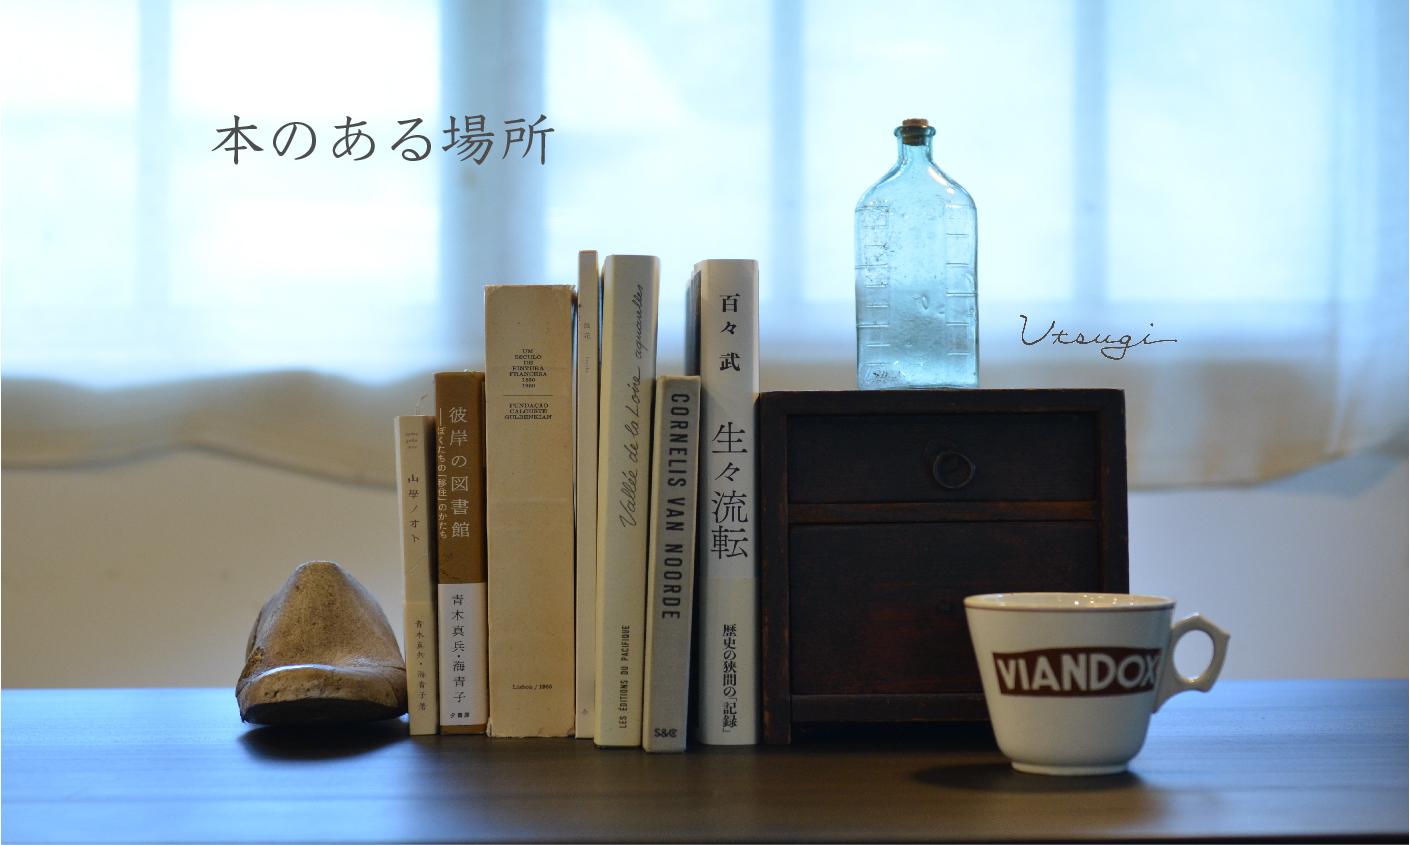 本のある場所